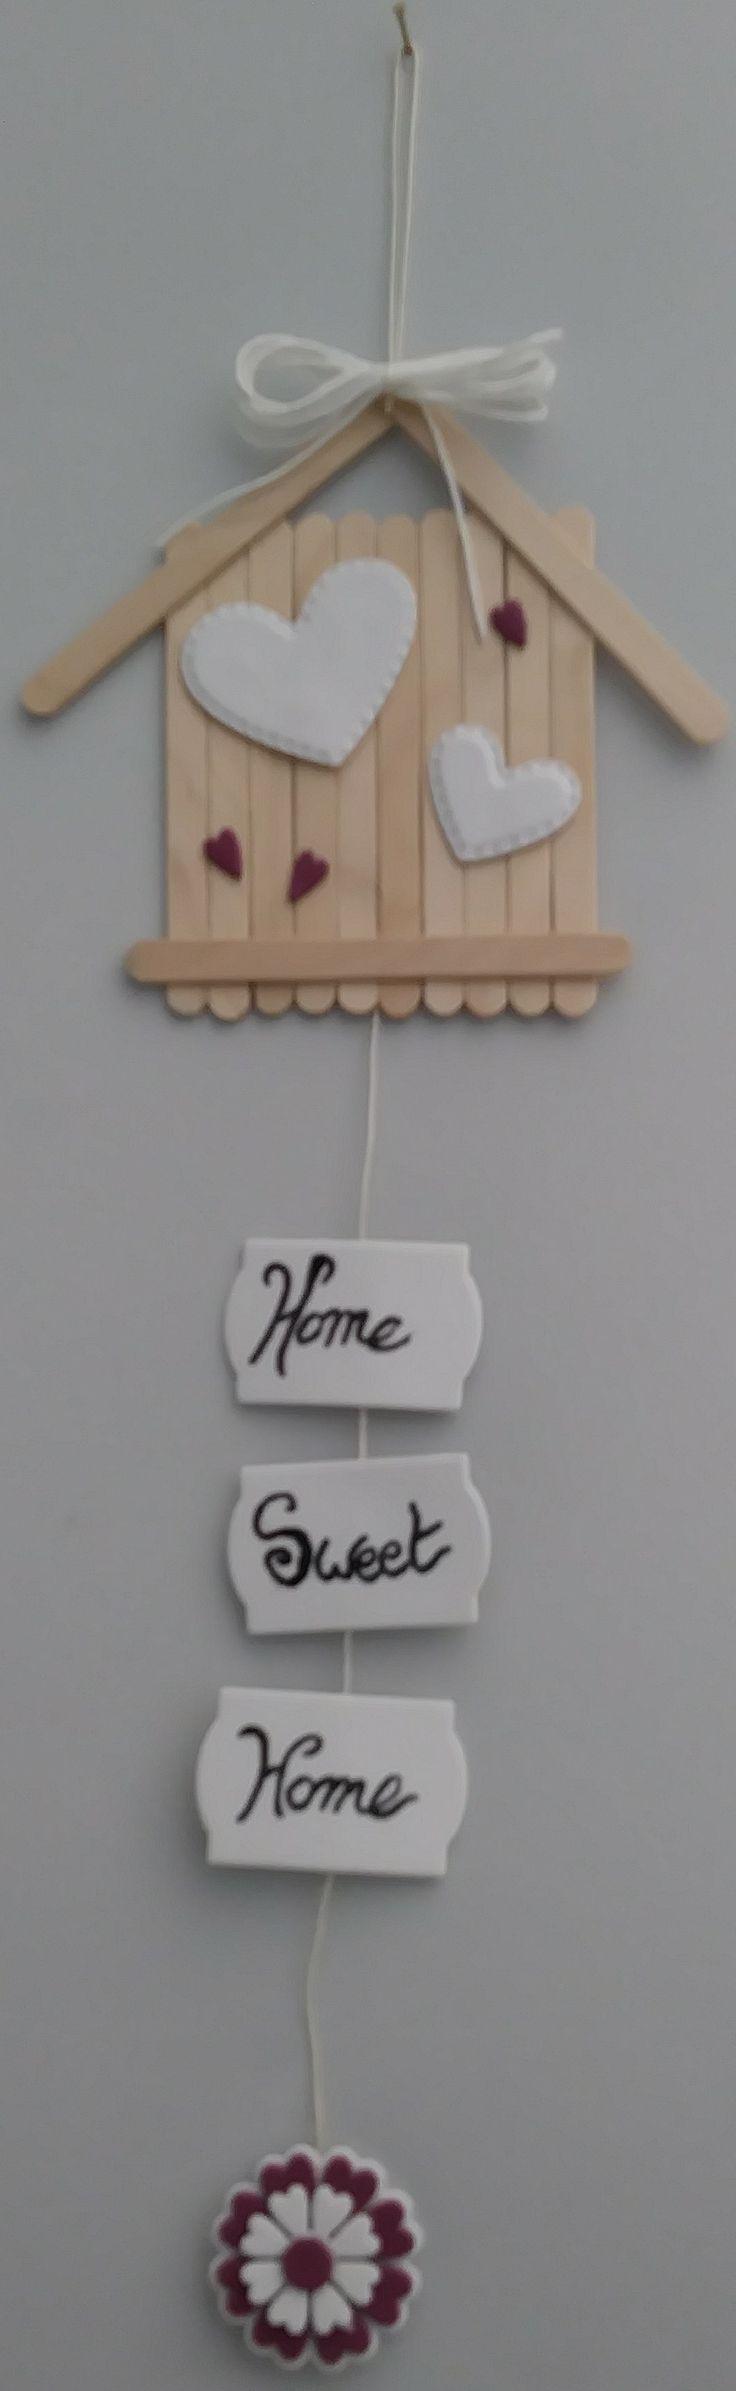 """Fuoriporta """"home sweet home"""" da riciclo stecchette gelato"""